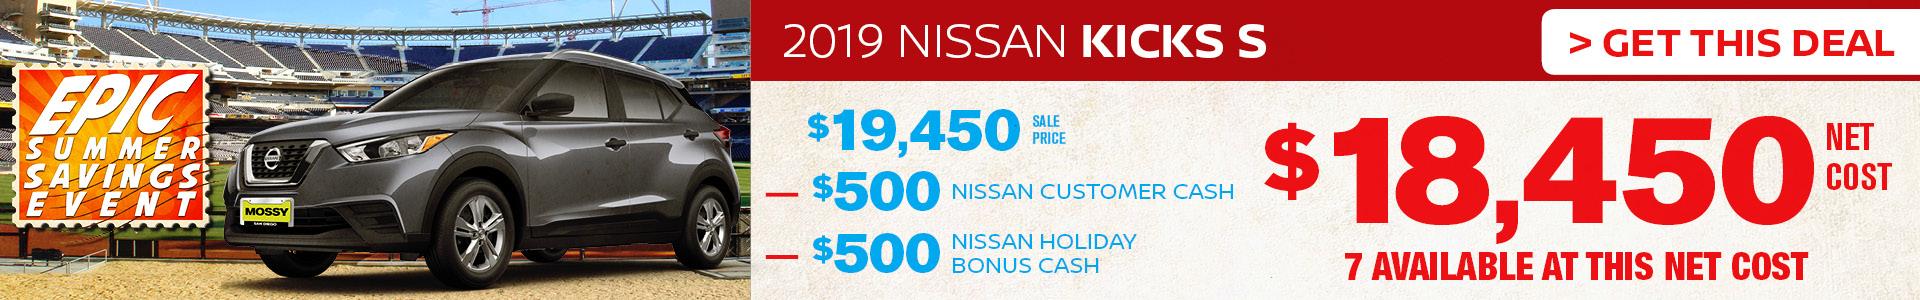 Mossy Nissan - Nissan Kicks $18,450